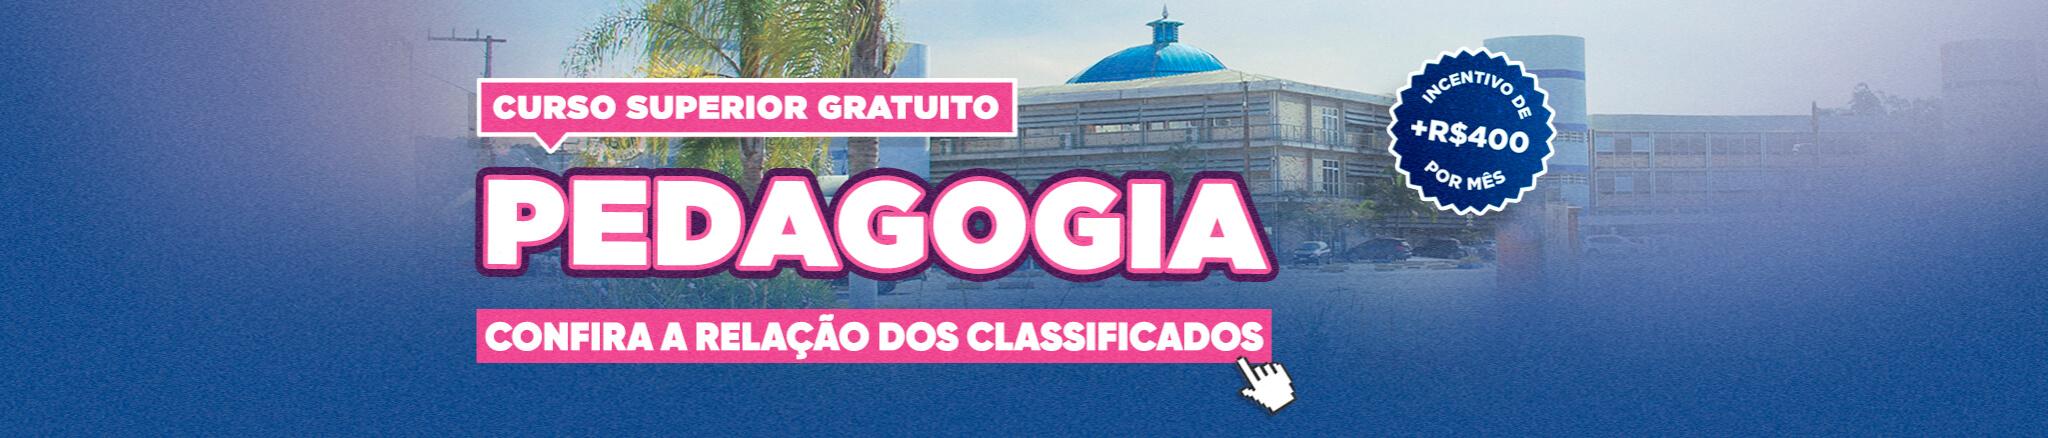 DESKTOP curso gratuito PEDAGOGIA RELAÇÃO CLASSIFICADOS